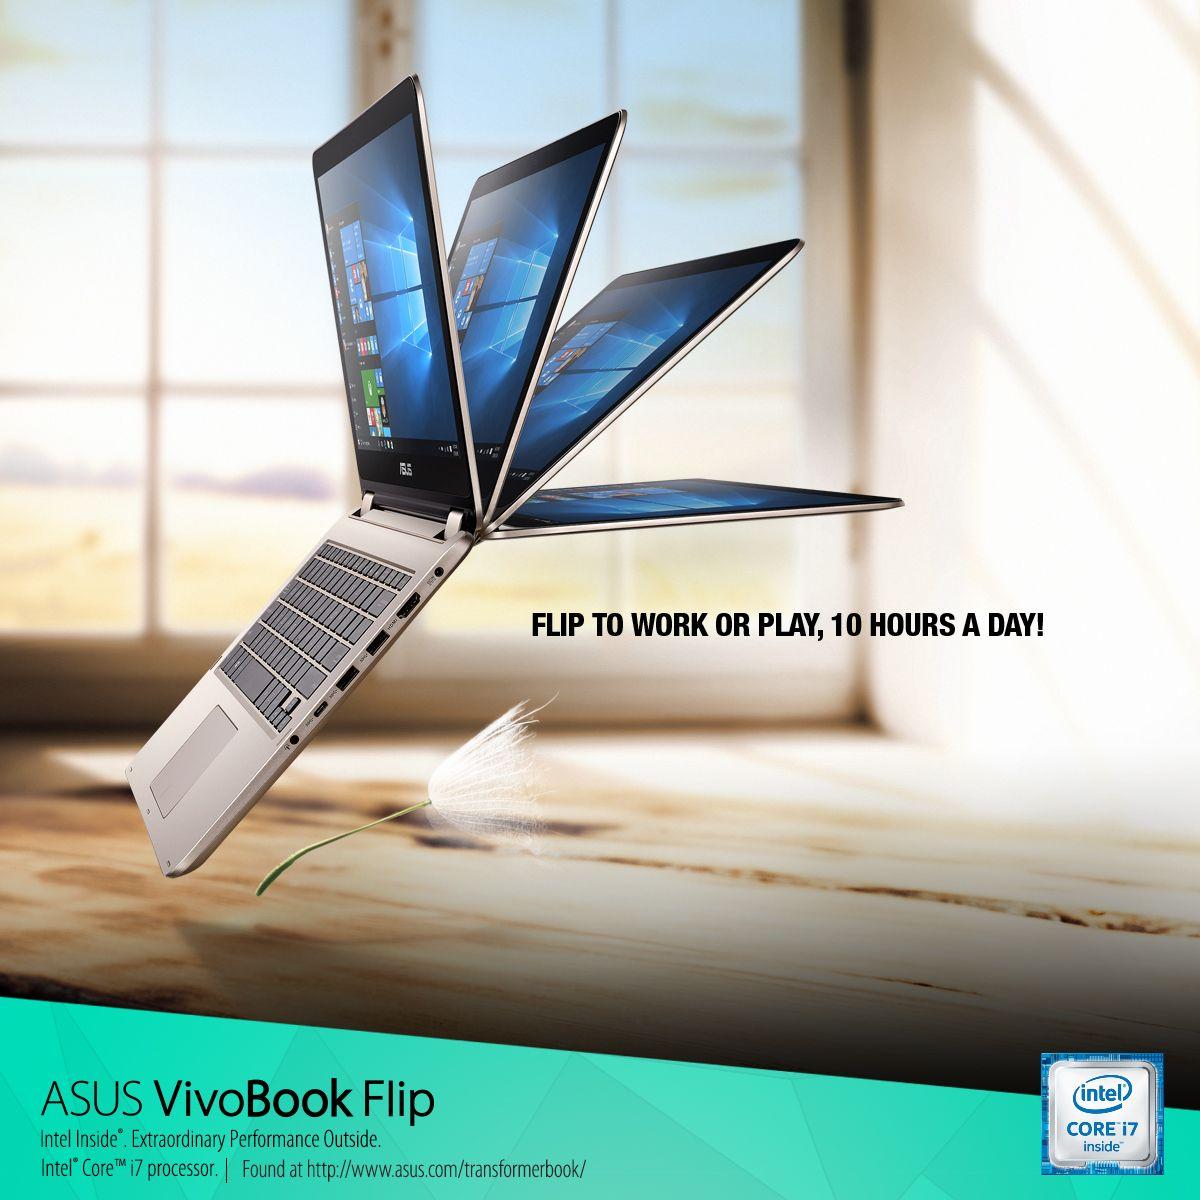 The longer battery life, flexible, 360-degree ASUS #VivoBook Flip